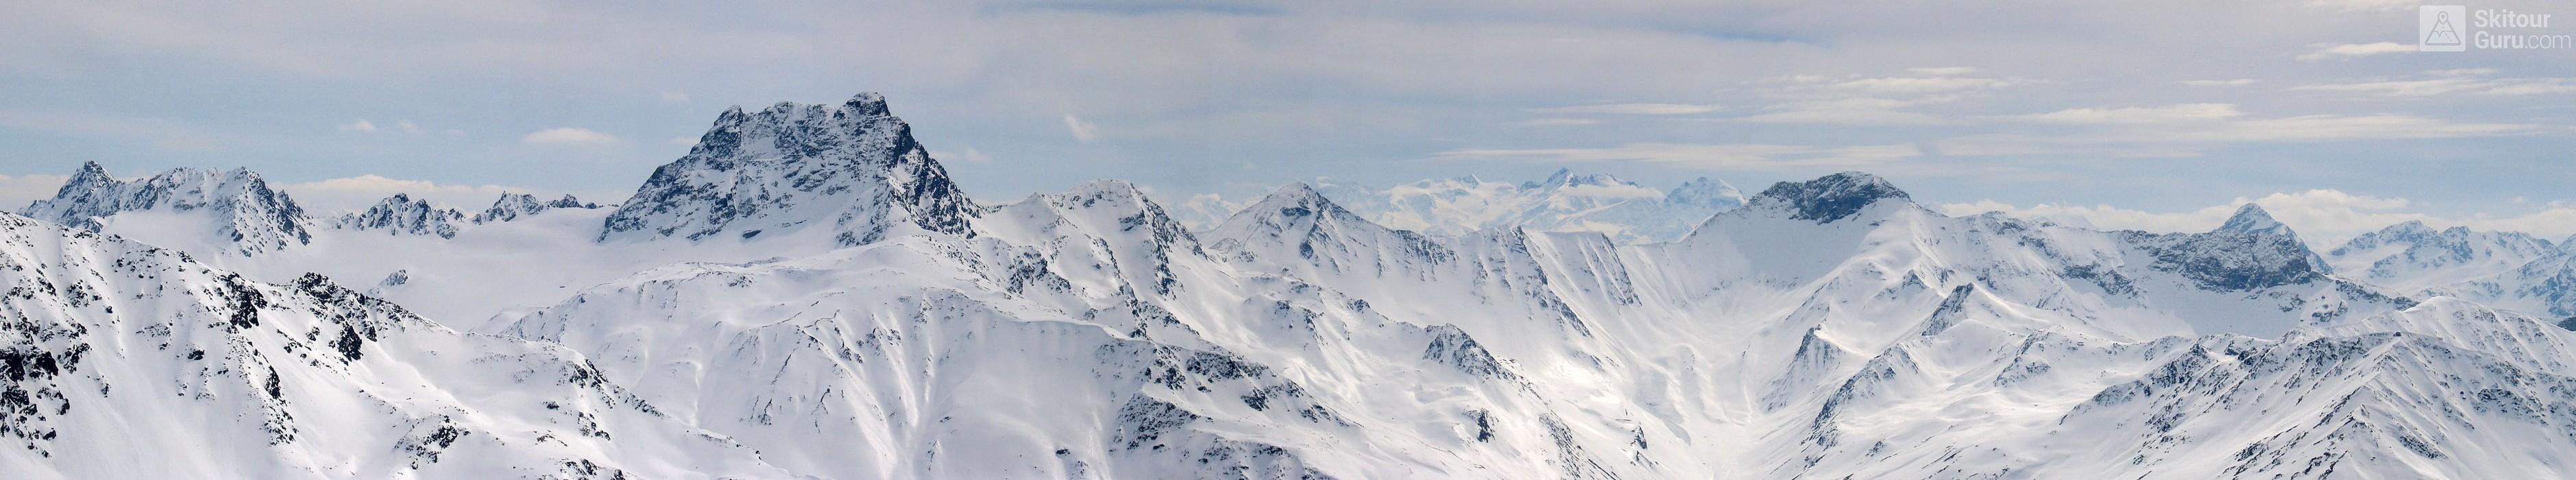 Gletscher Ducan Albula Alpen Switzerland panorama 38